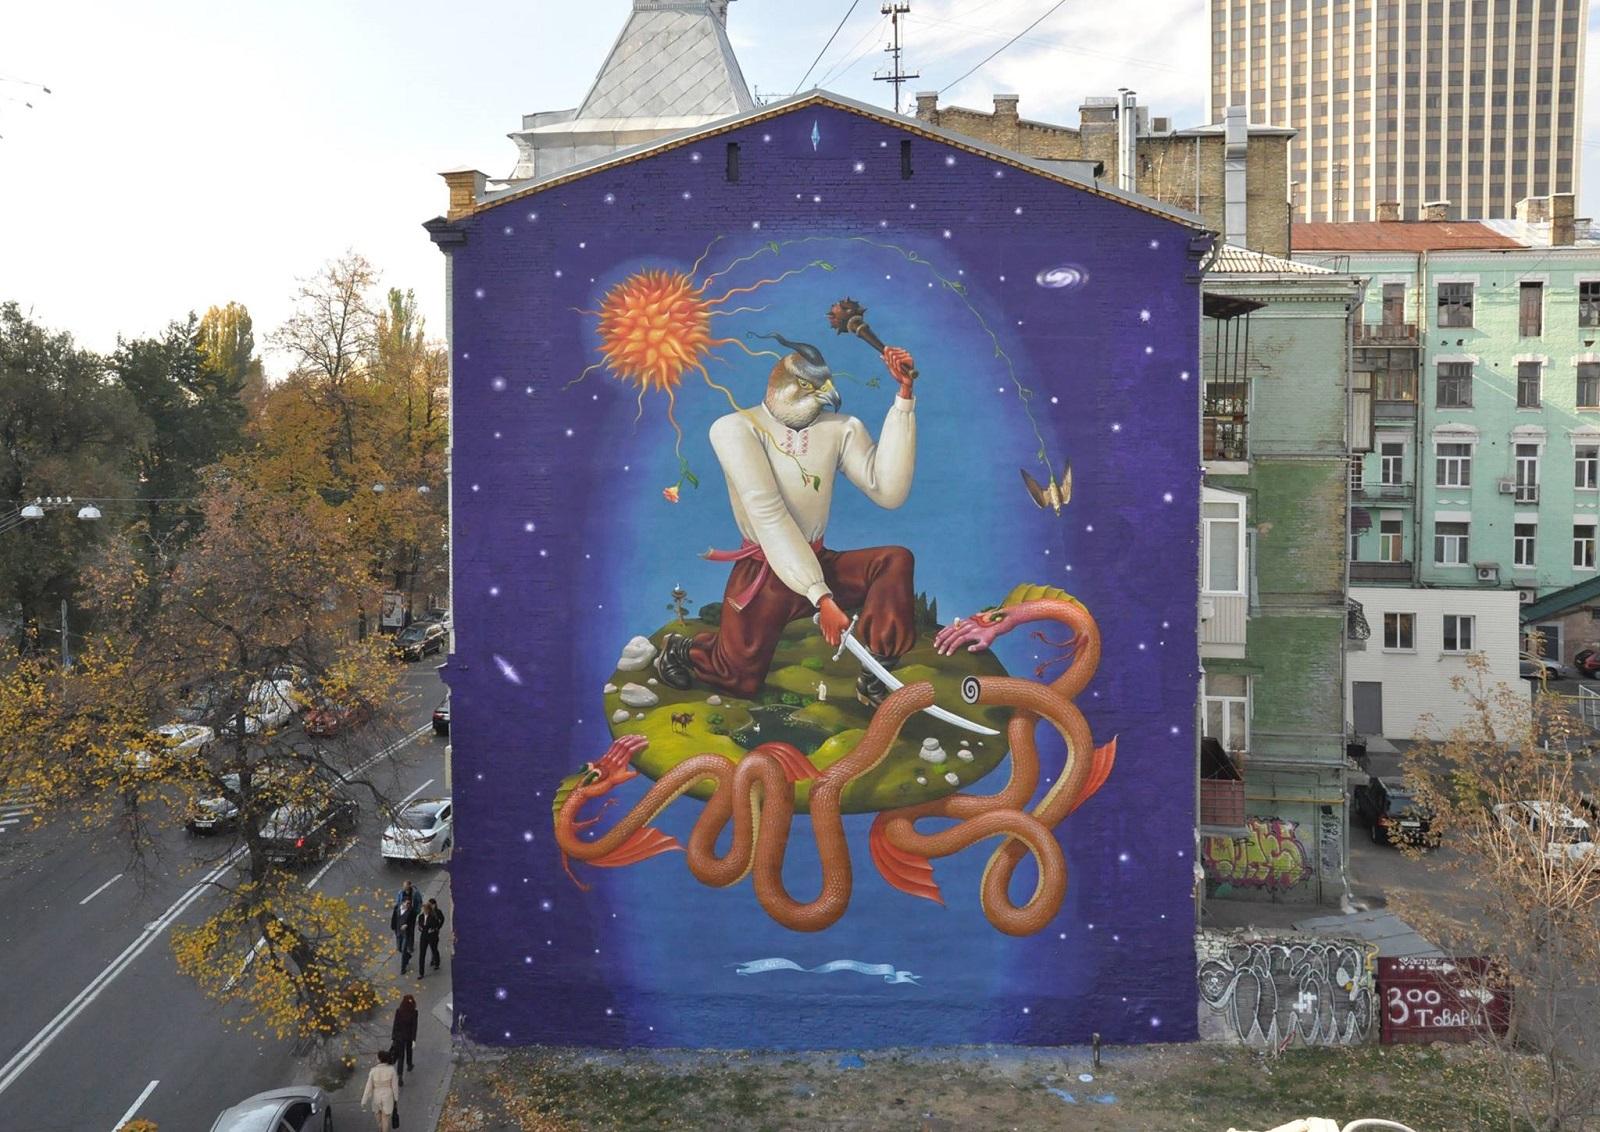 interesni-kazki-new-mural-in-kiew-ukraine-01